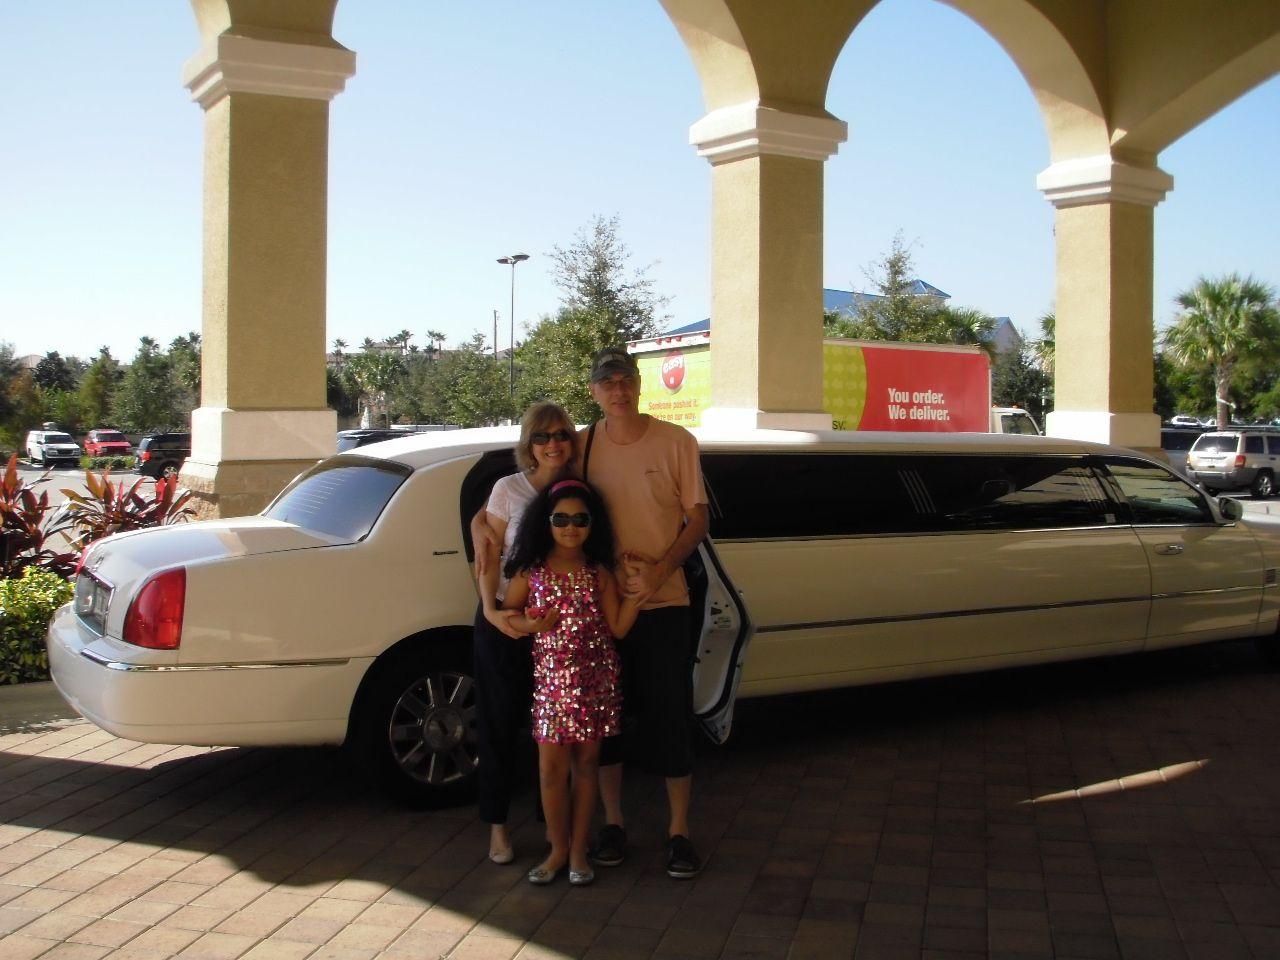 Passeio de limousine em Orlando